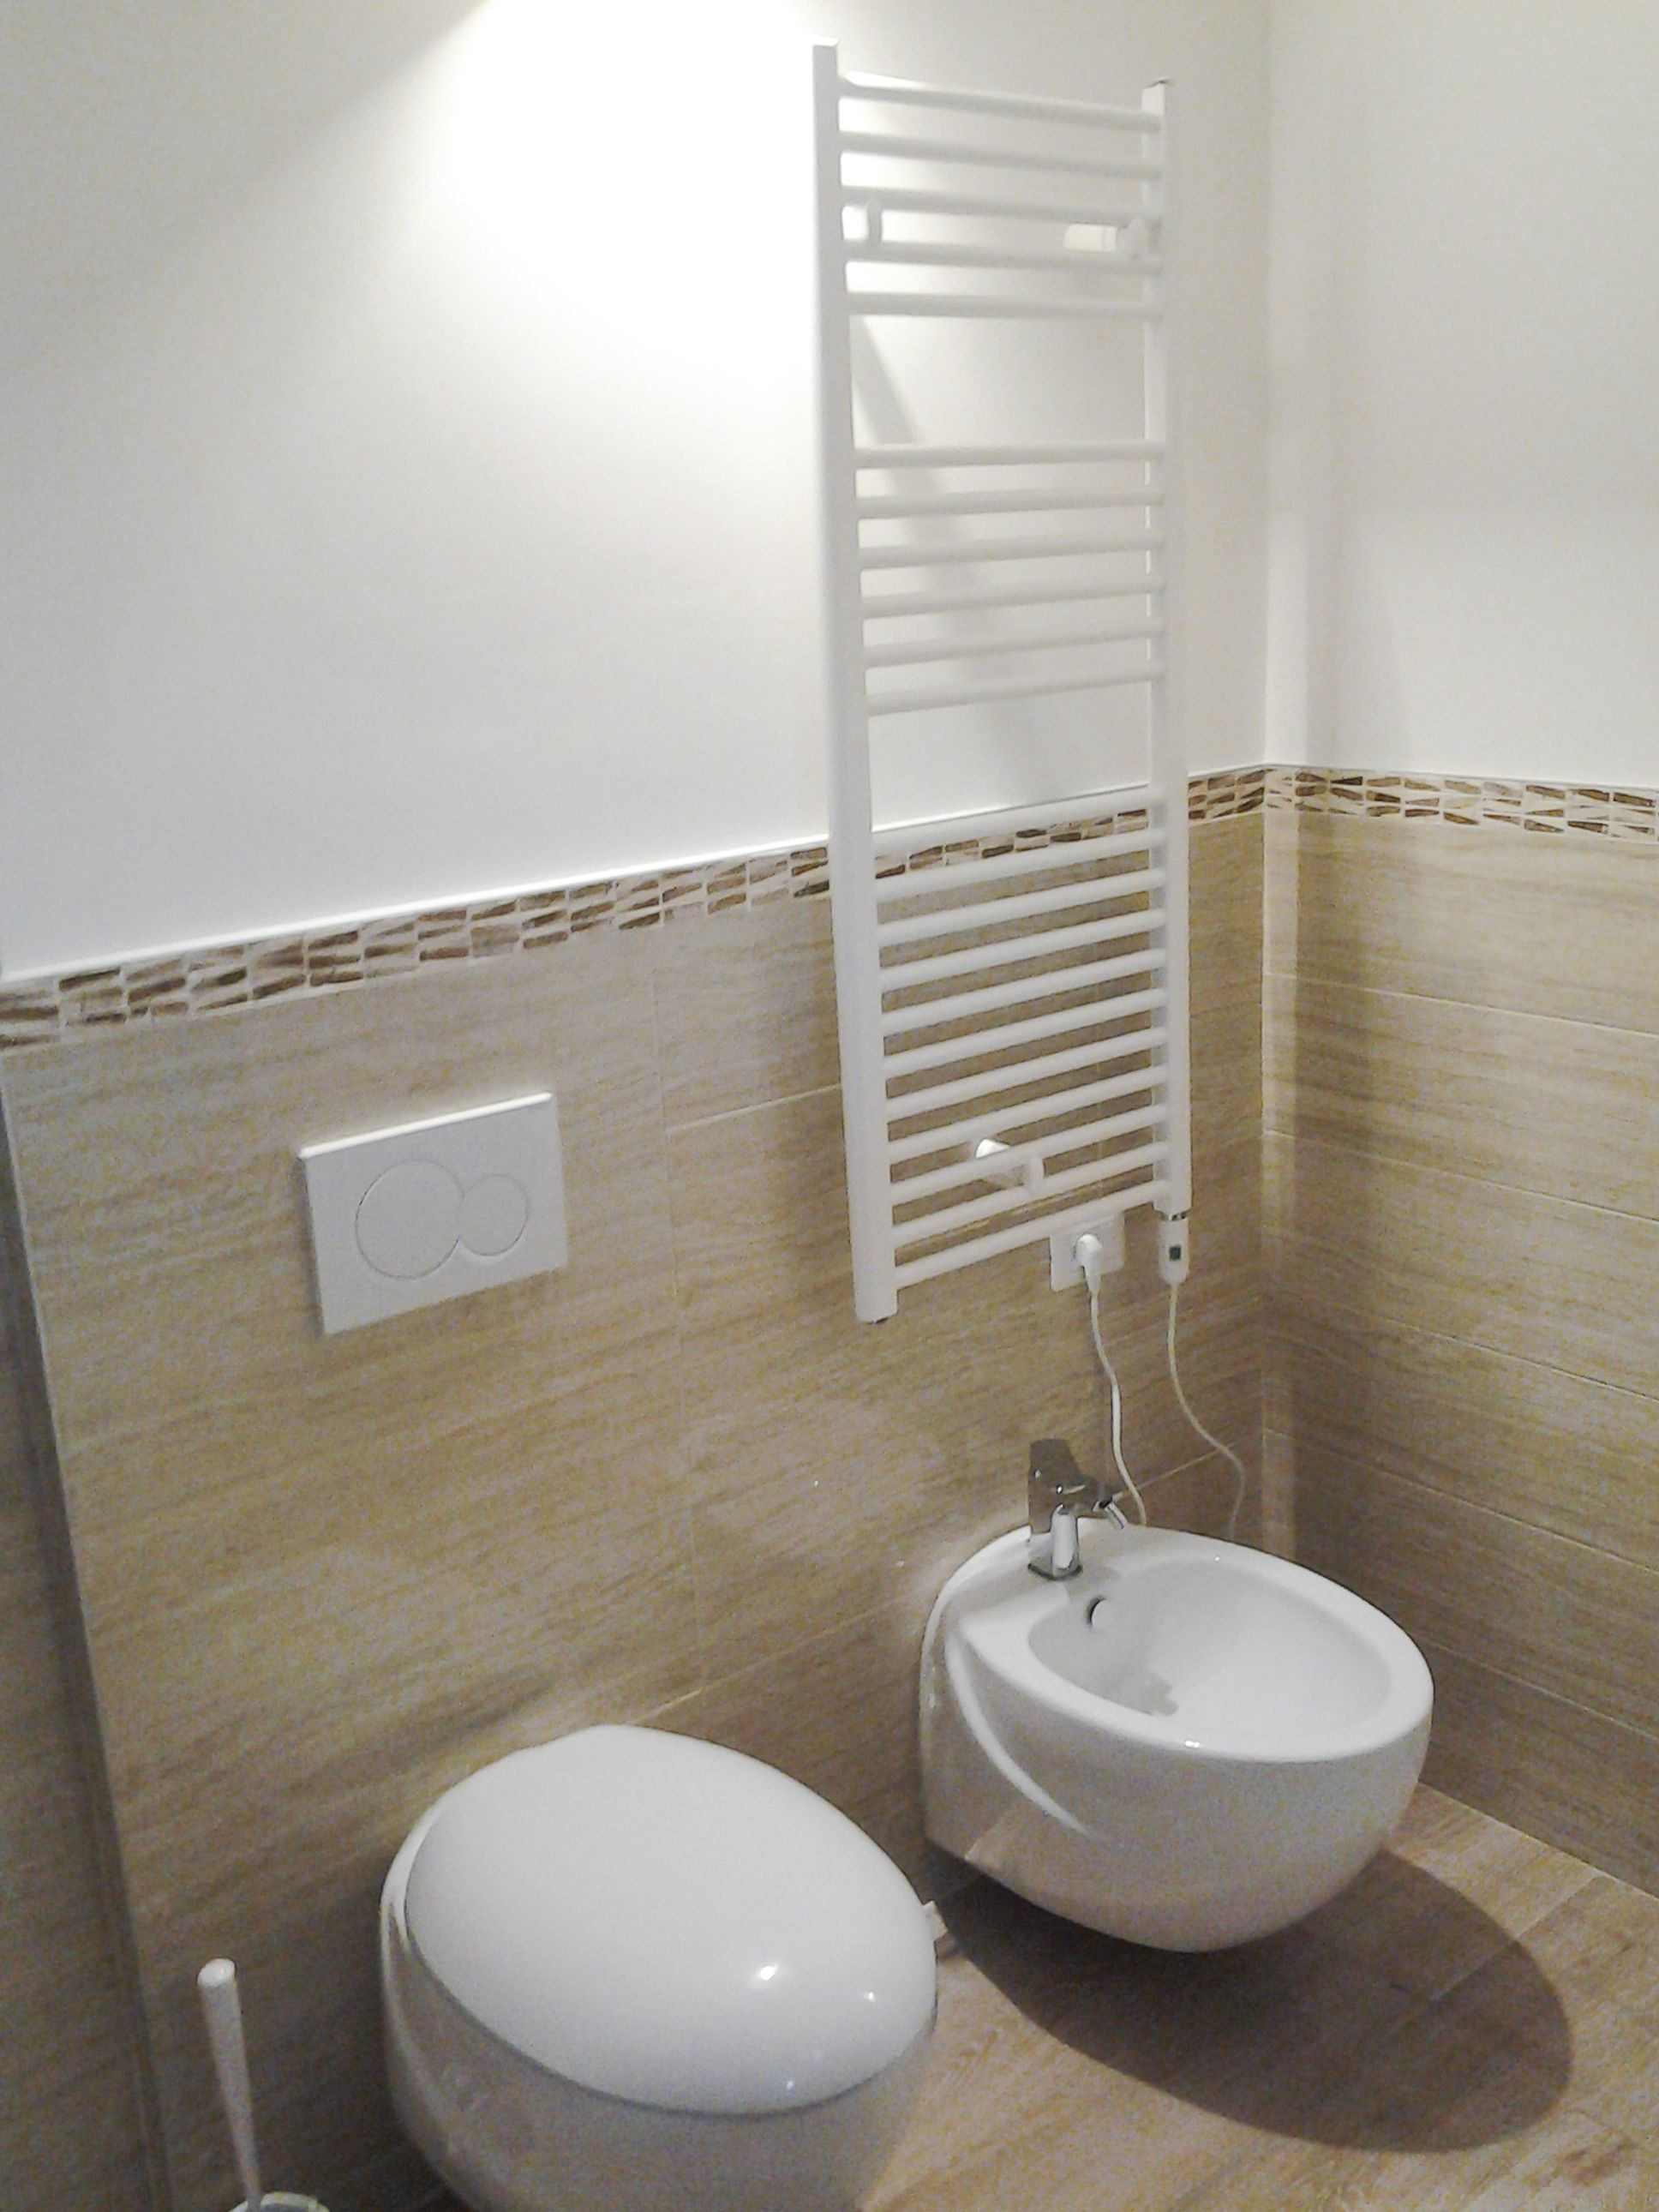 Rivestimento bagno in ceramica con profili a mosaico - Come rivestire il bagno ...